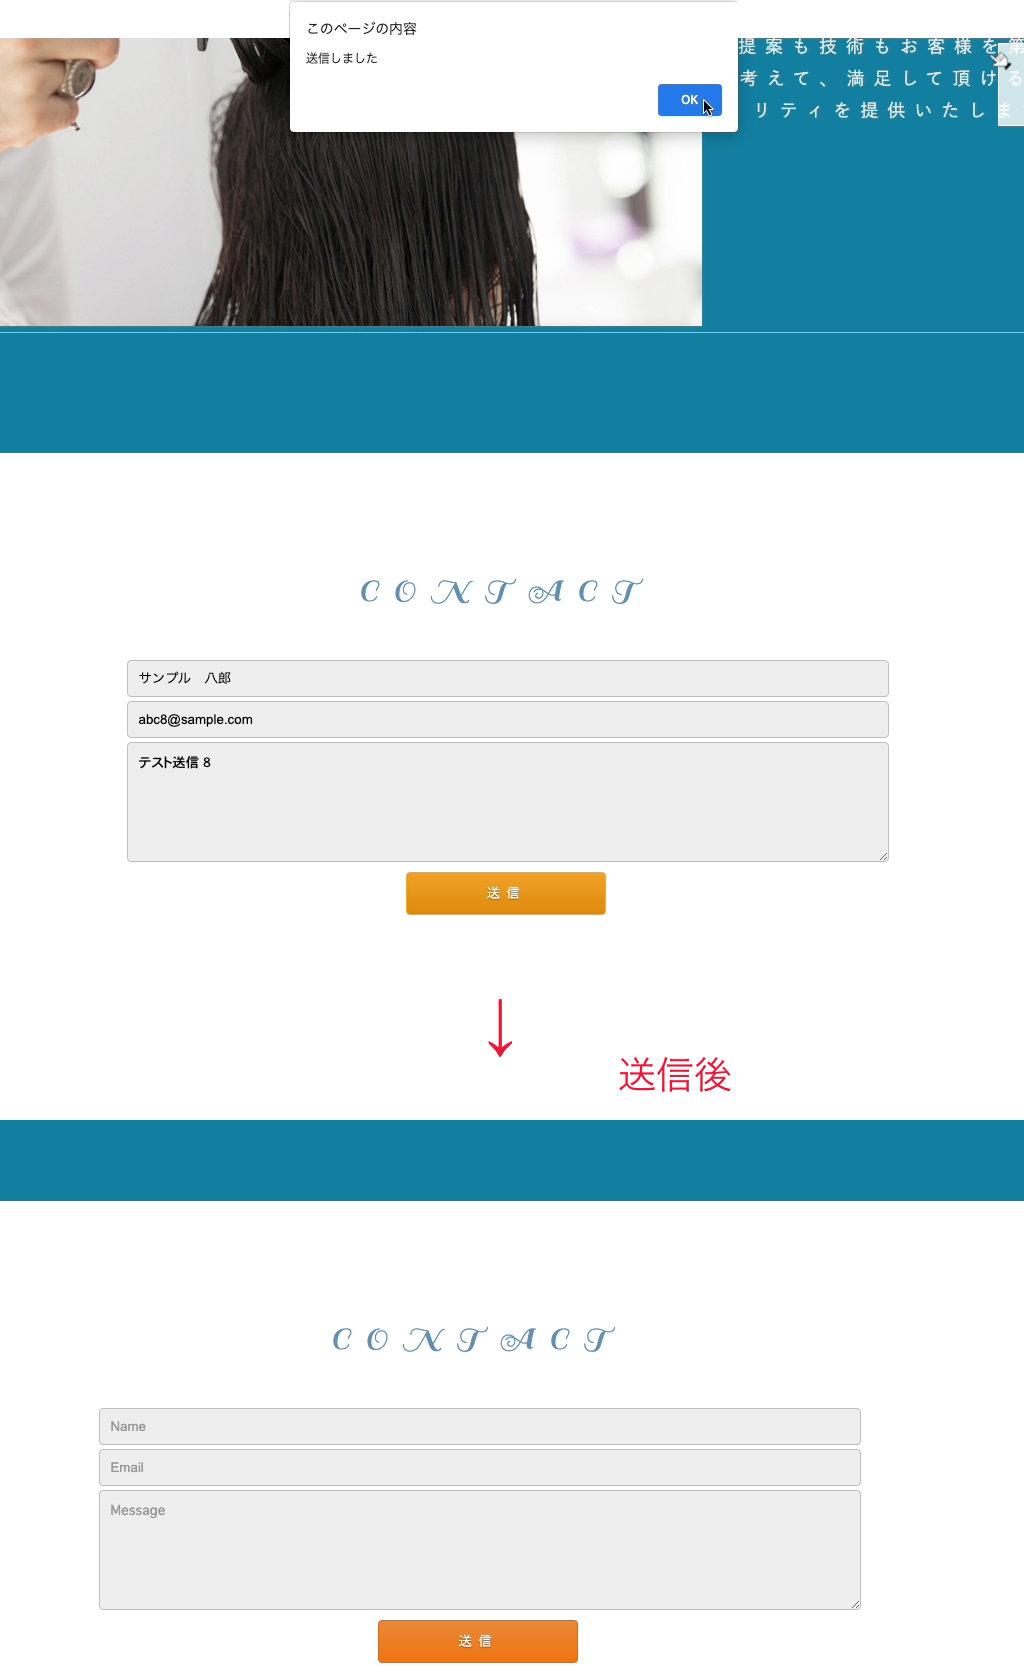 お問い合わせフォームで送信後にフォーム内容をリセットする方法の結果